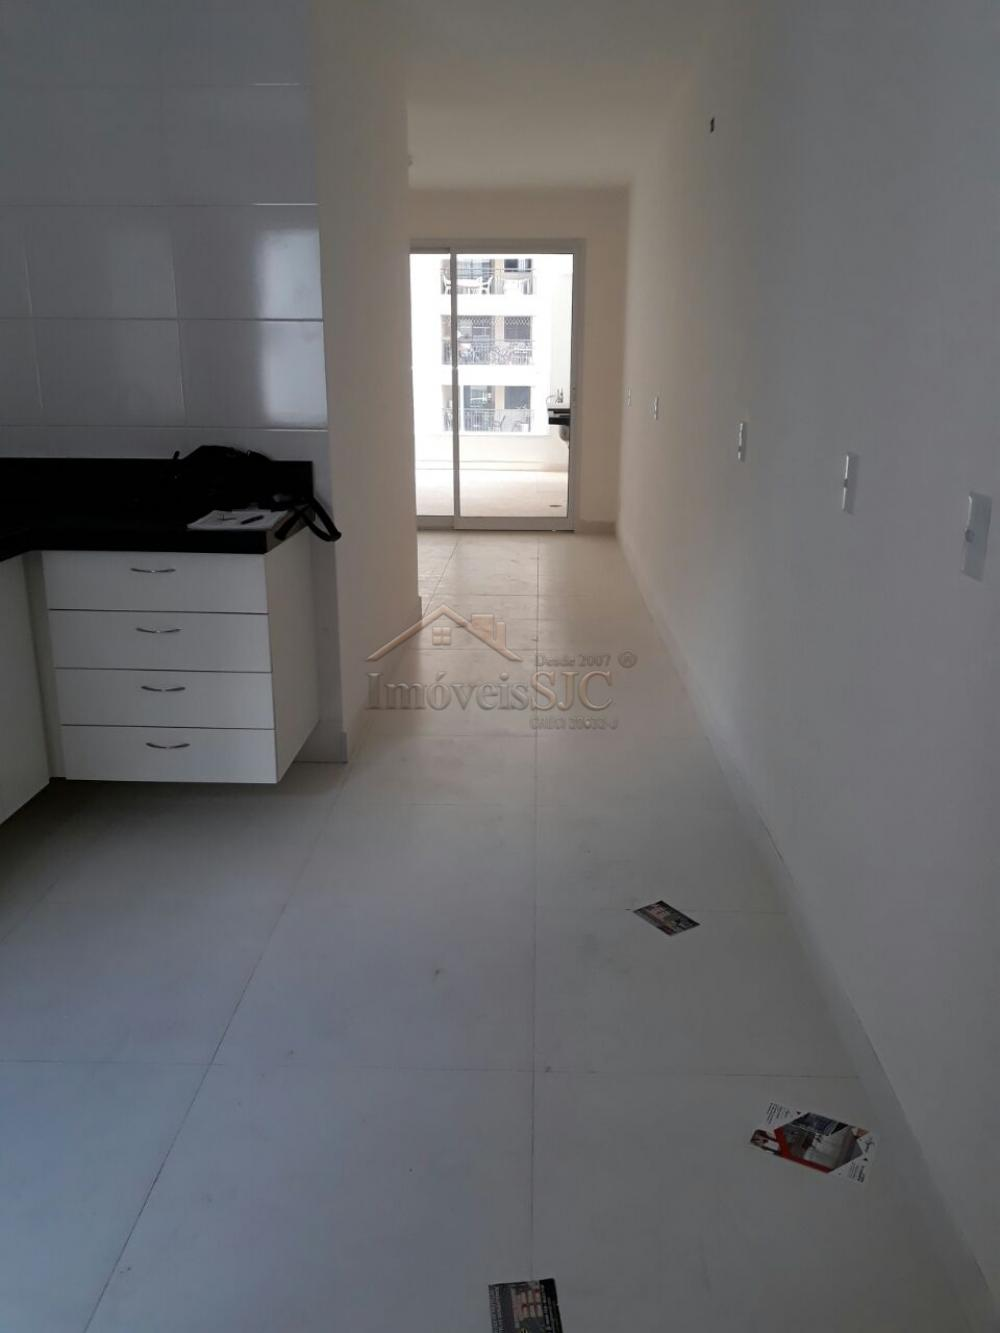 Alugar Apartamentos / Padrão em São José dos Campos apenas R$ 3.000,00 - Foto 11